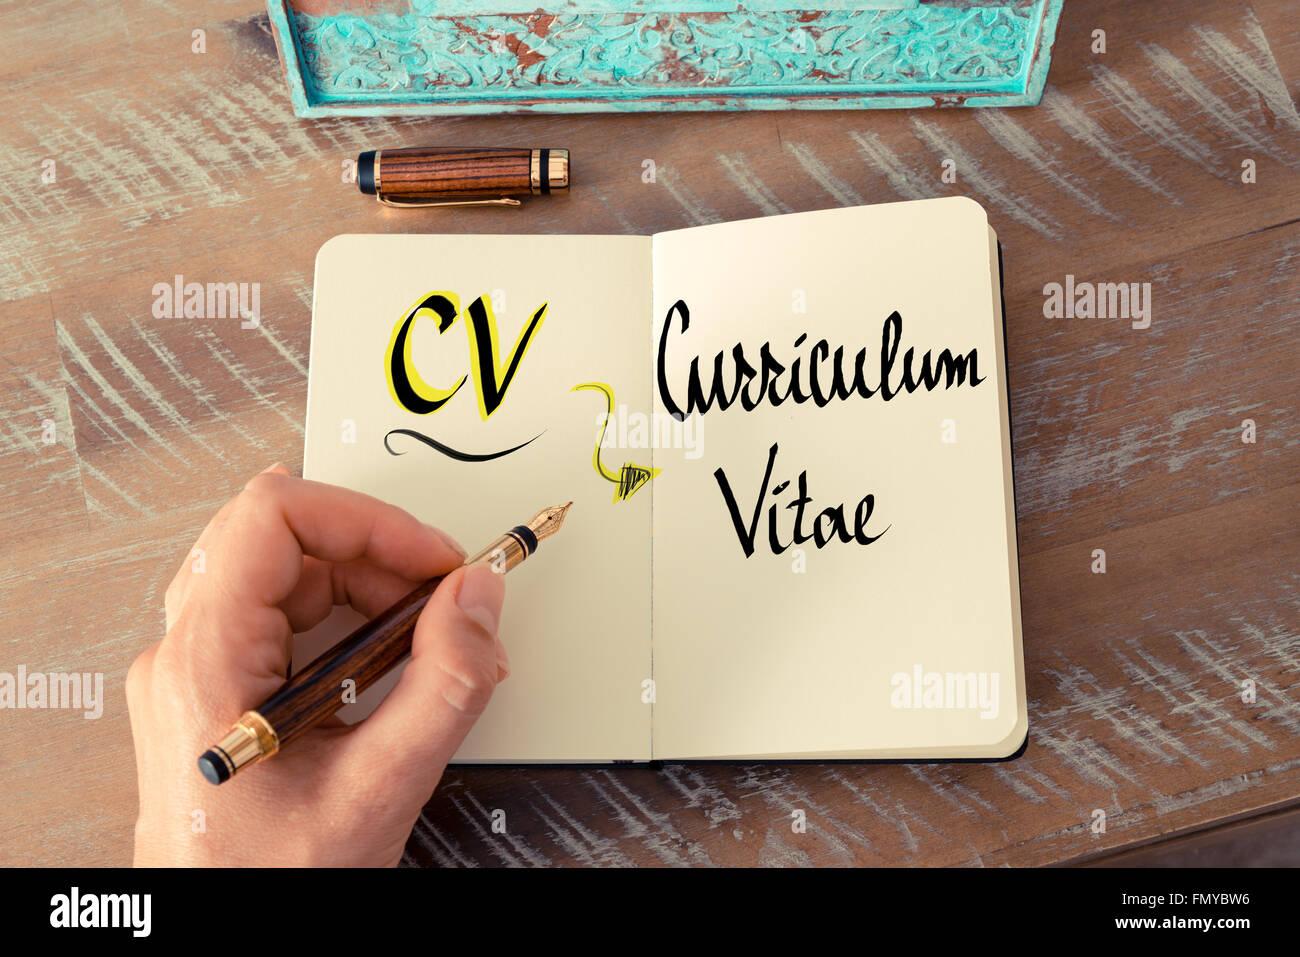 Curriculum Vitae Imágenes De Stock & Curriculum Vitae Fotos De Stock ...